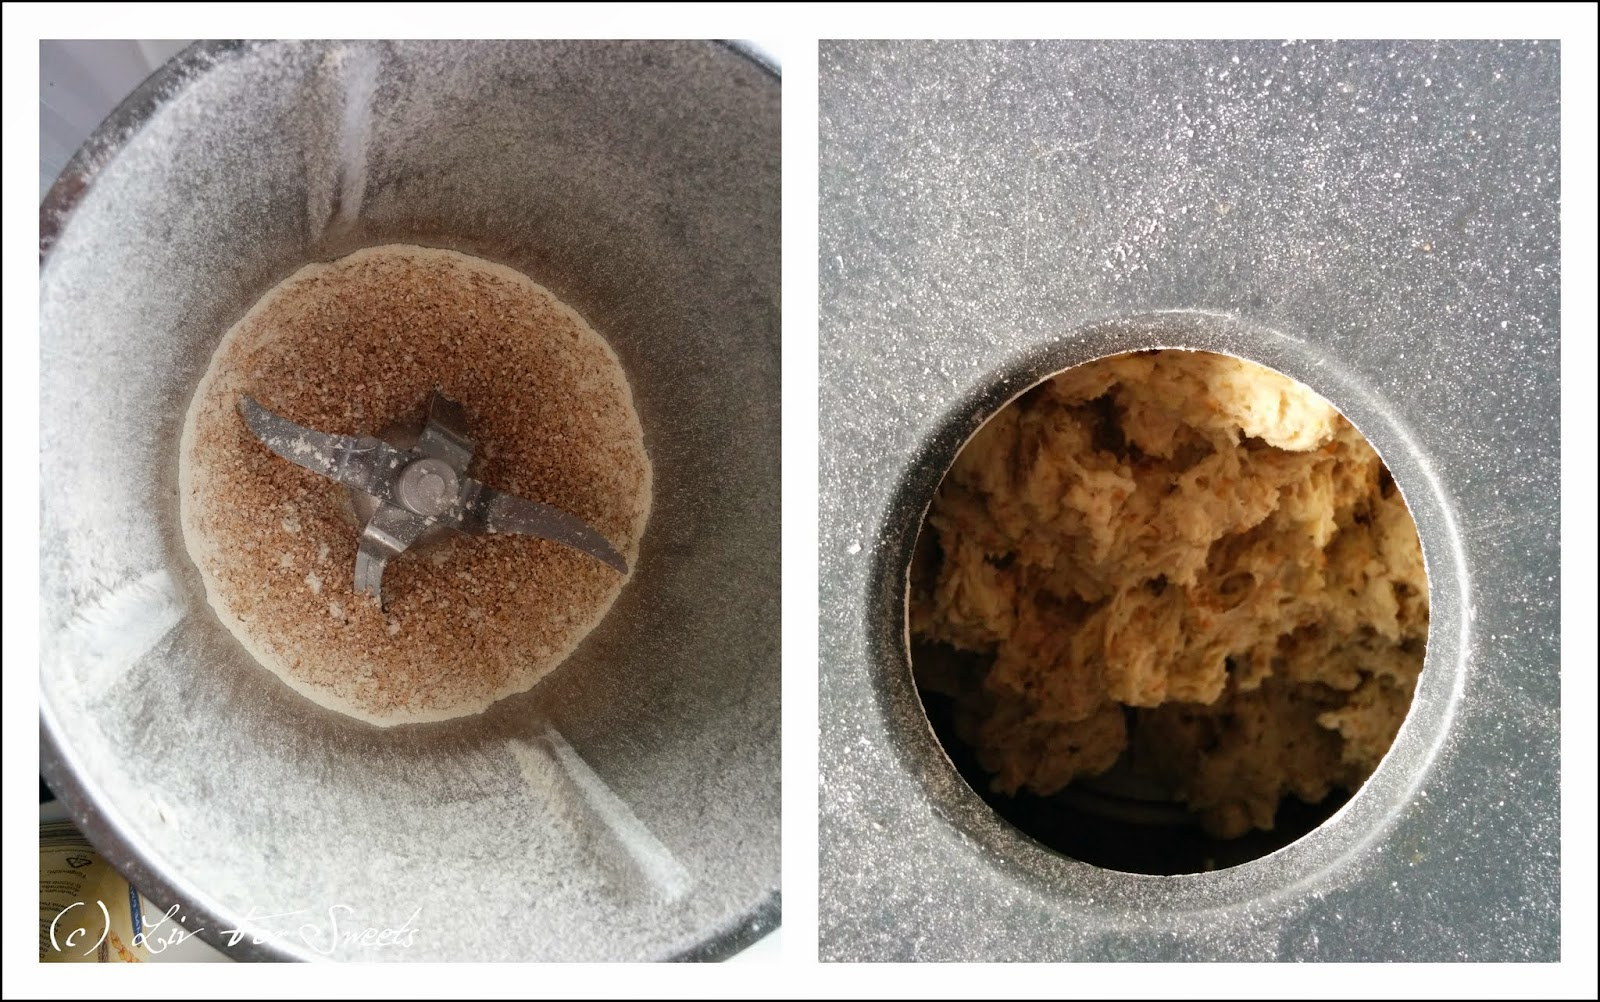 Das Getreide wurde zu Mehl gemahlen und wird nun im Thermomix TM31 zu Teig verknetet